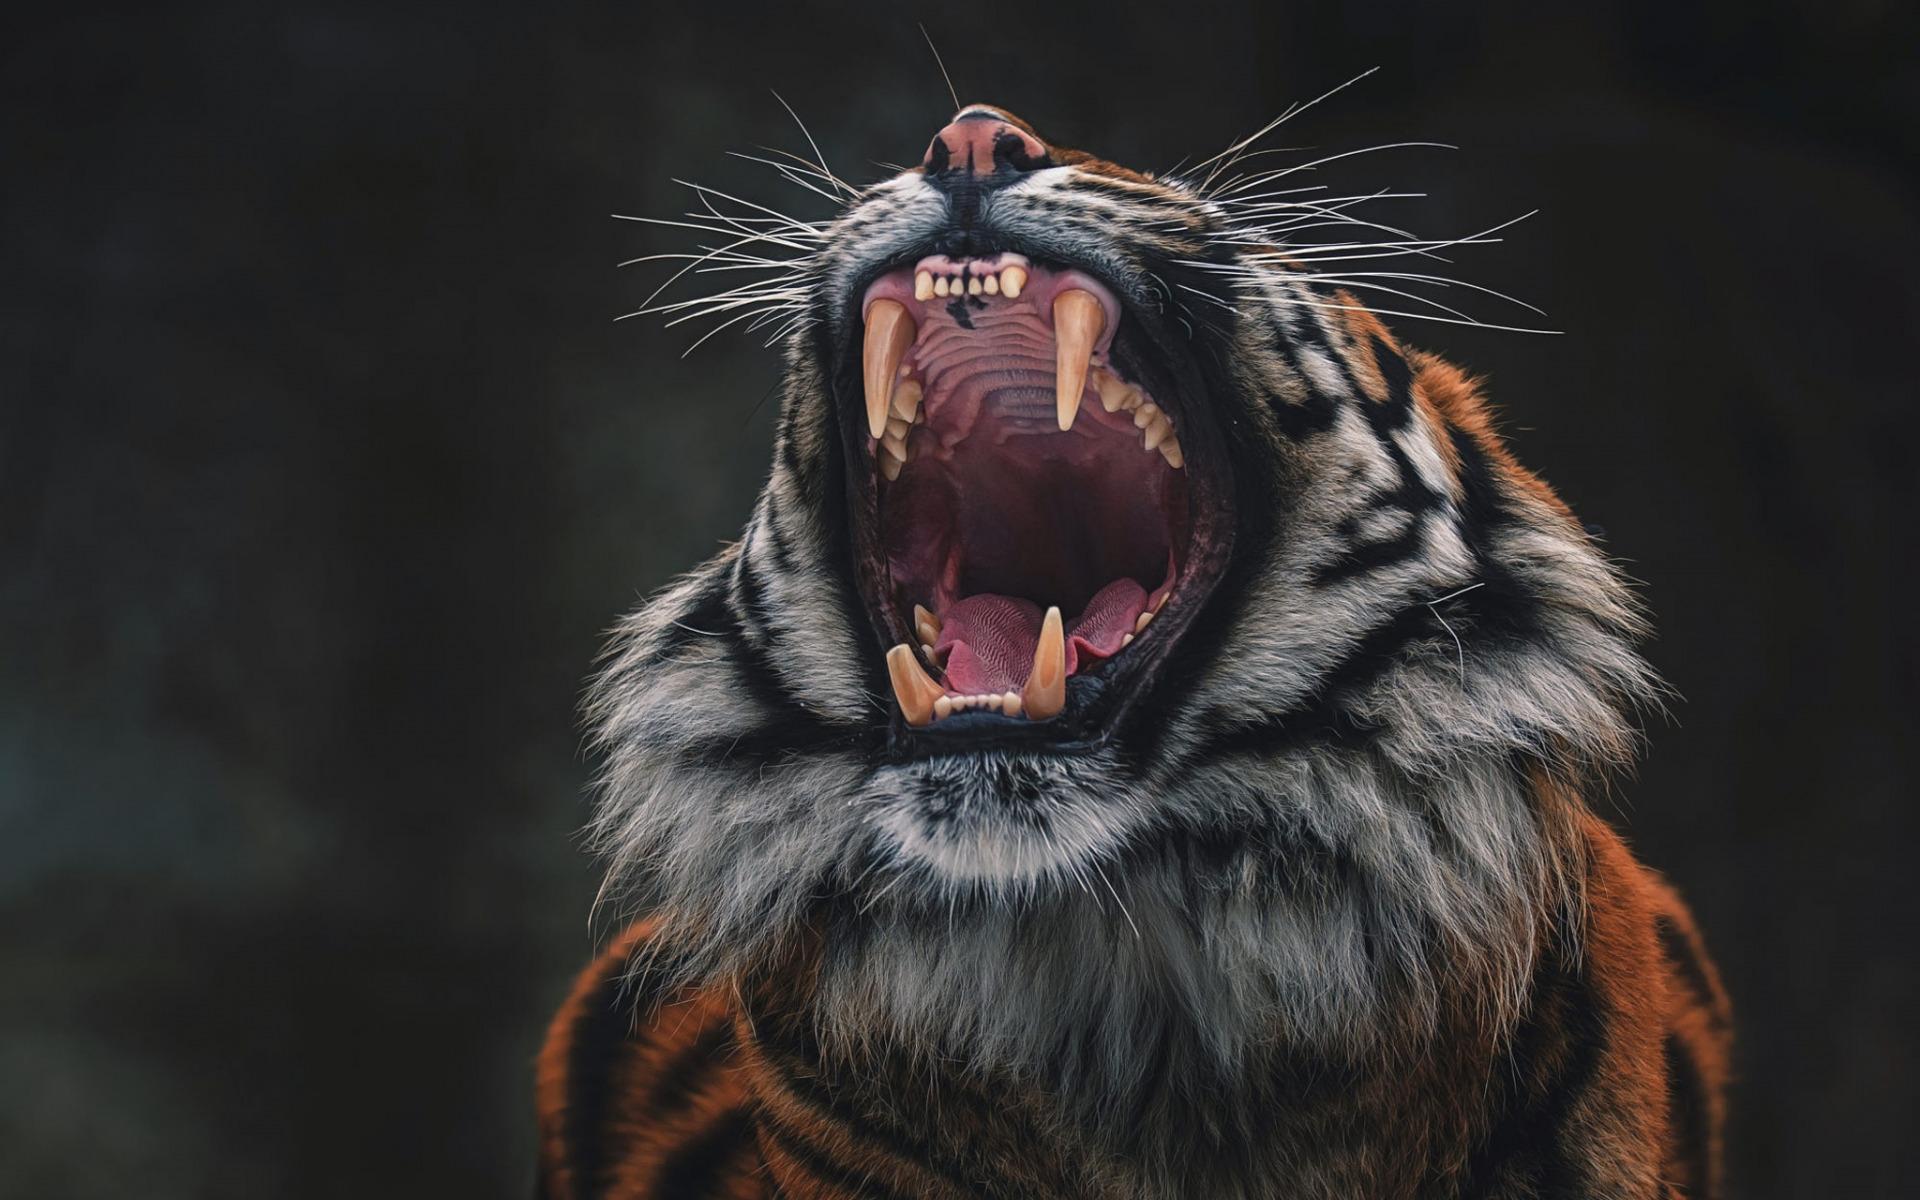 Картинка злого тигра на рабочий стол